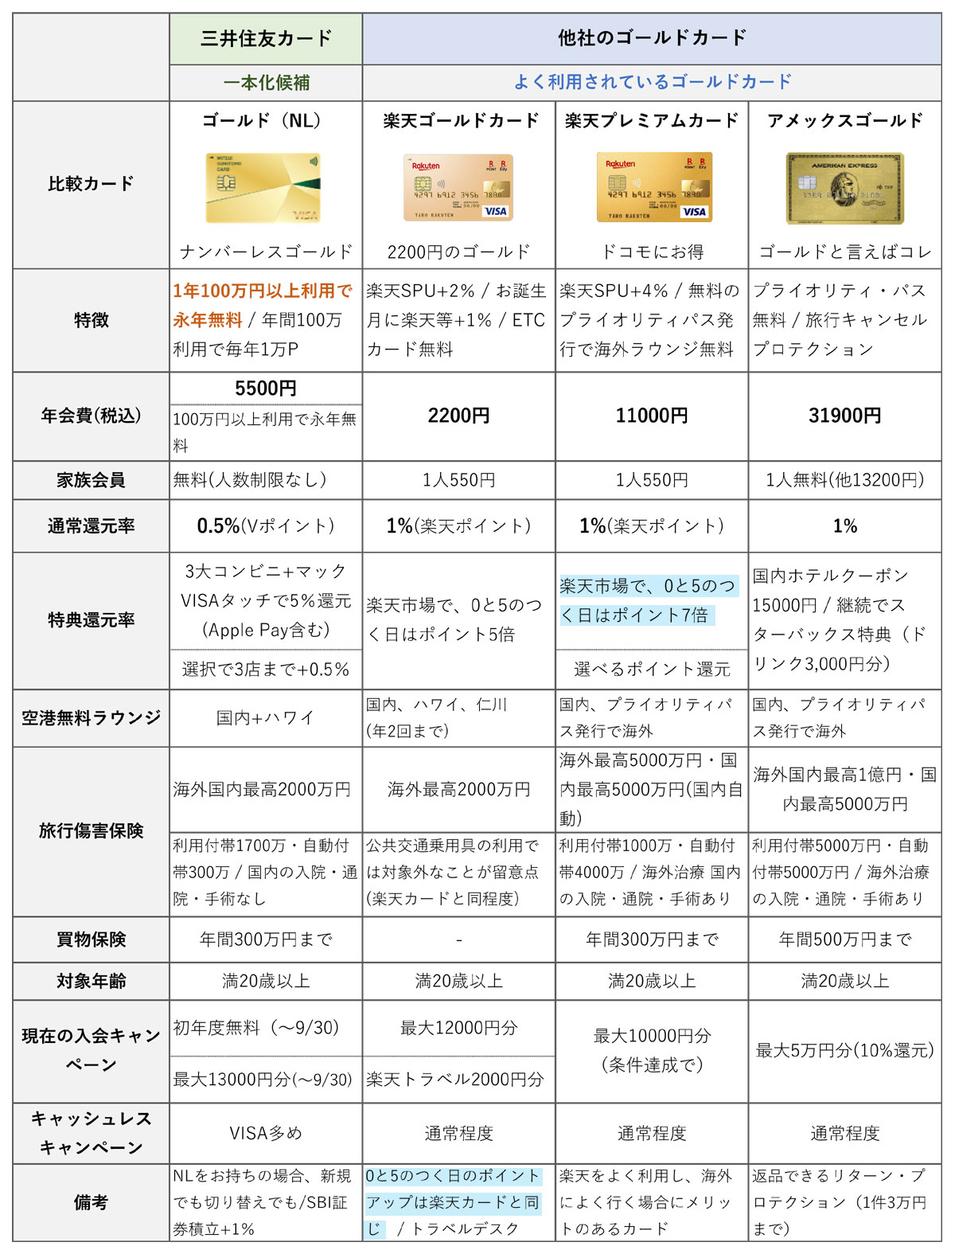 三井住友カードゴールドNLと楽天ゴールド、楽天プレミアム、アメックスゴールドとの比較